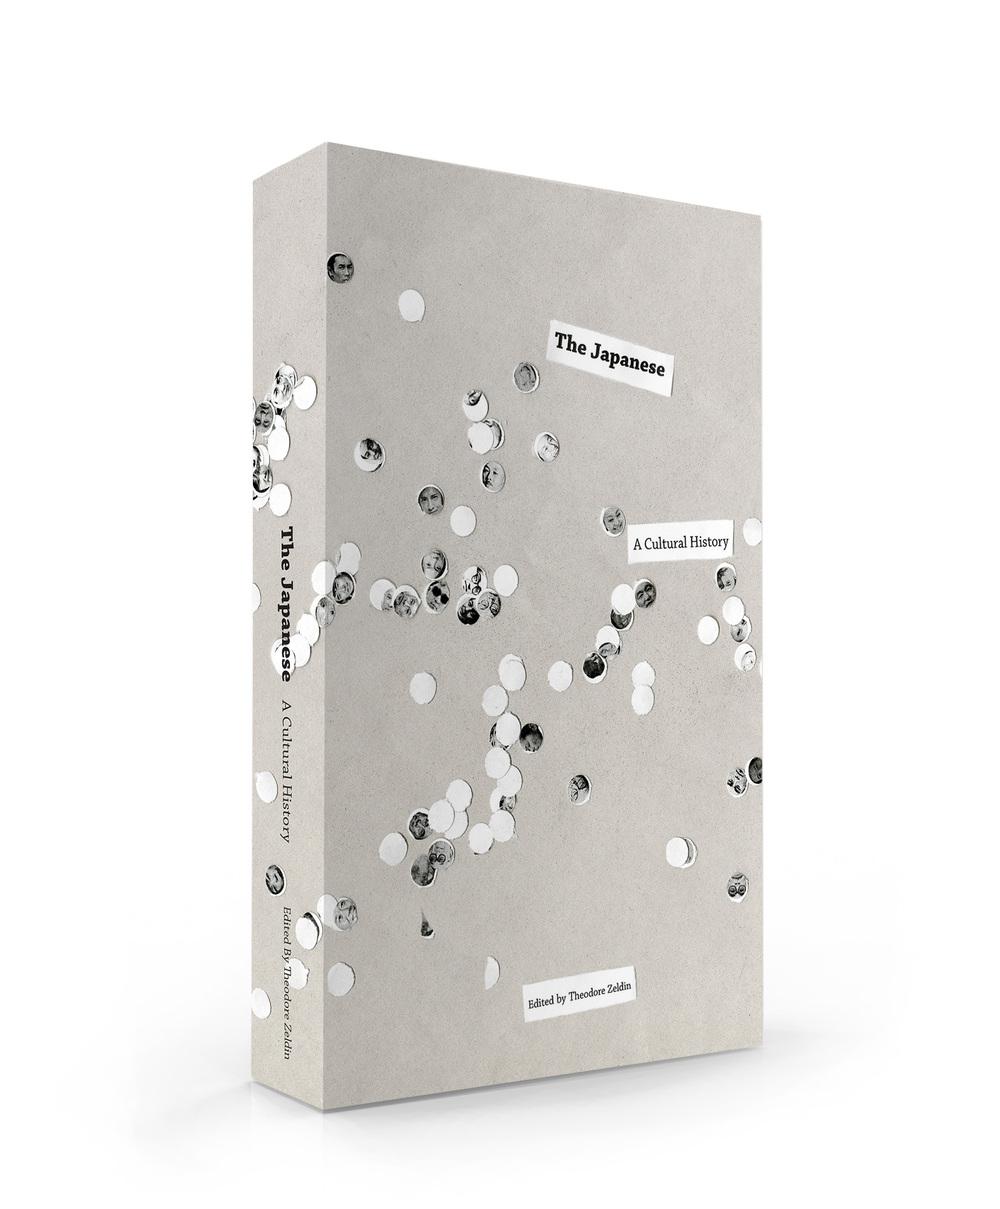 bookcoverside2.jpg